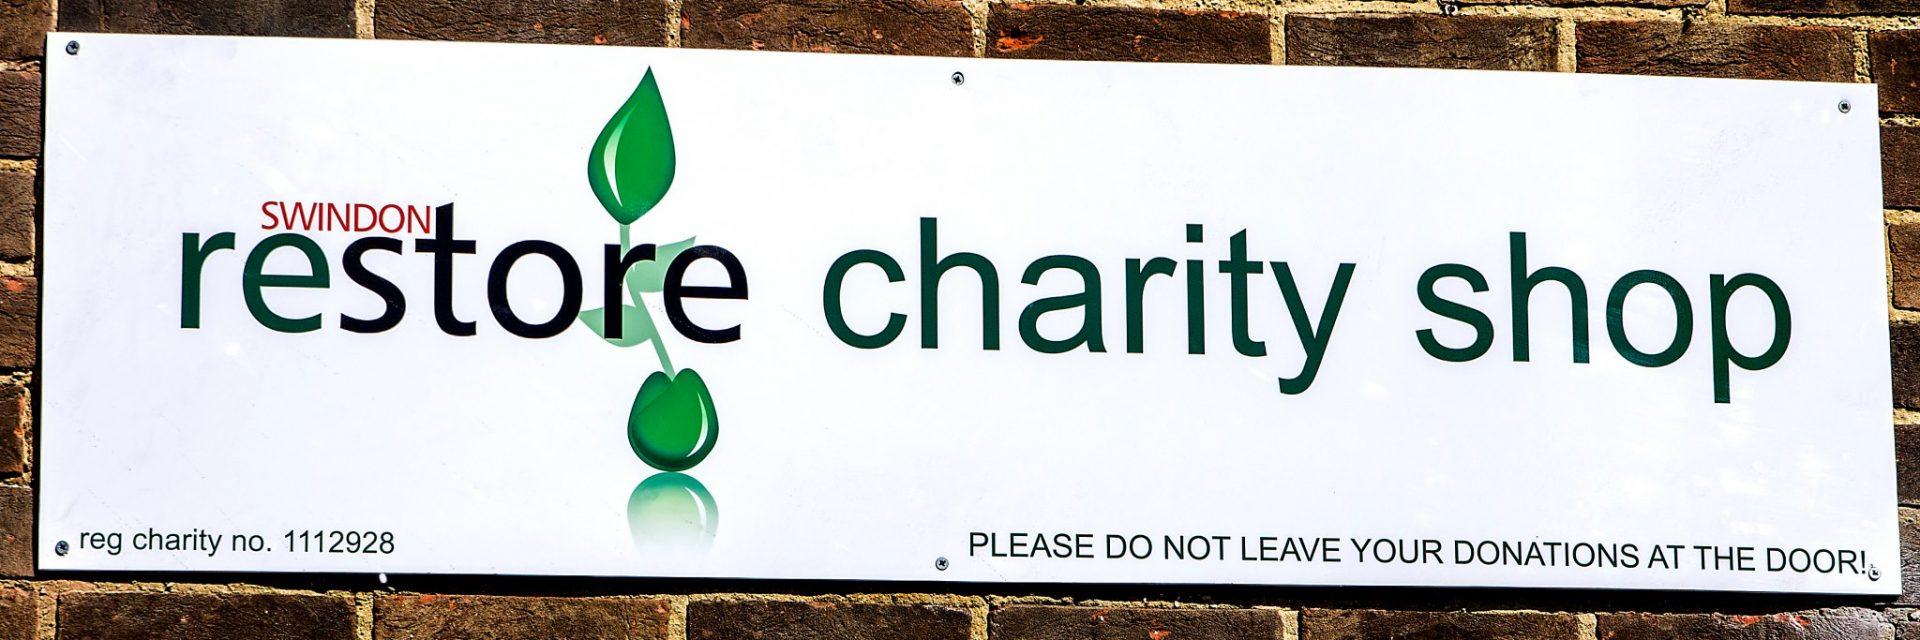 Swindon Restore Charity Shop